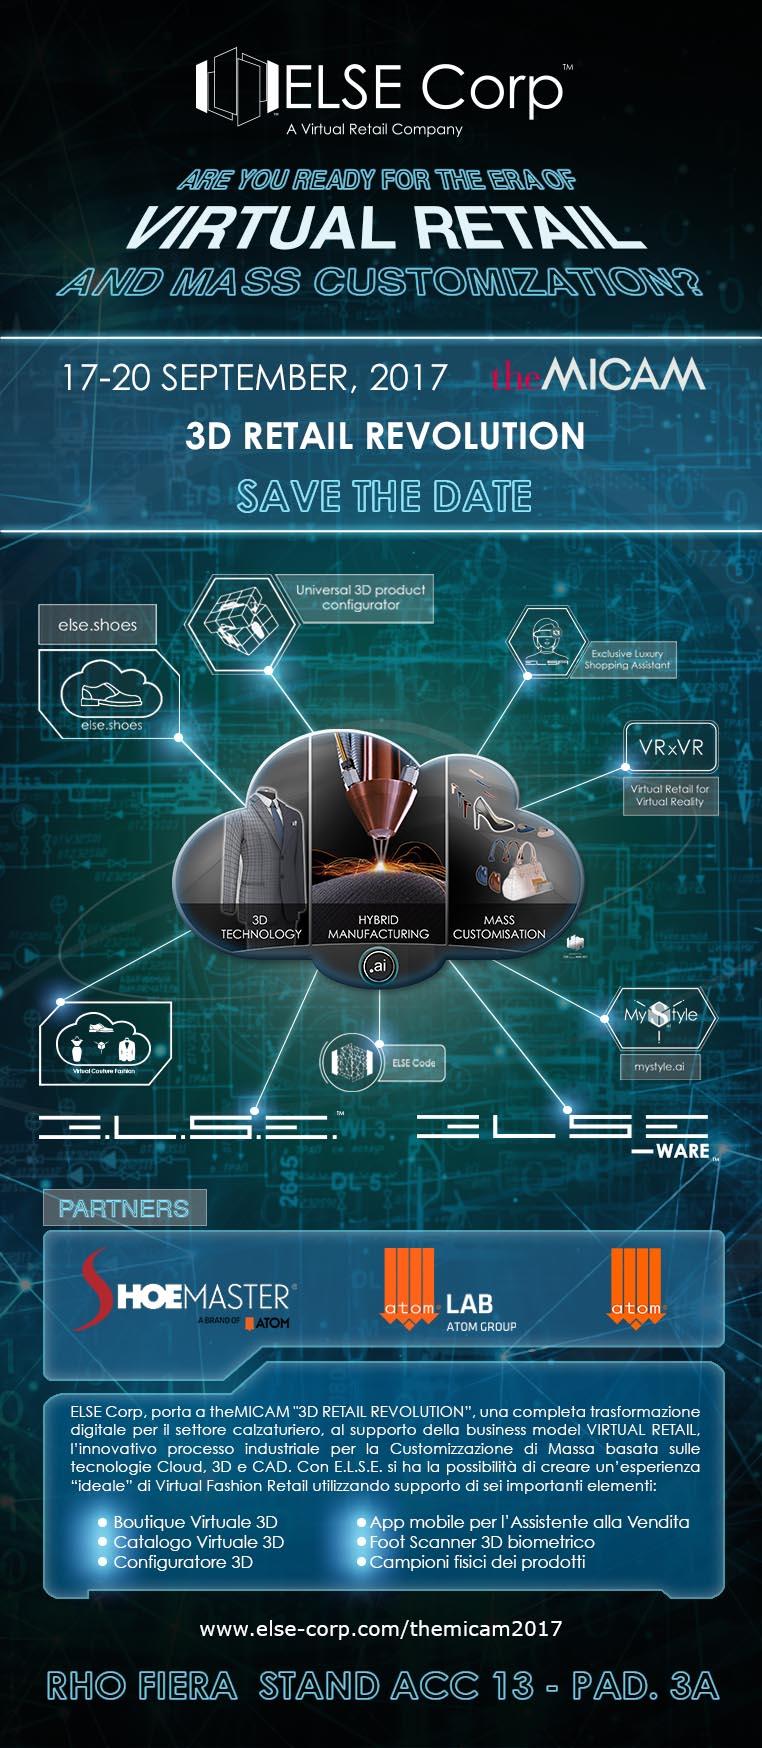 """ELSE Corp porta a theMICAM la """"3D Retail Revolution"""""""